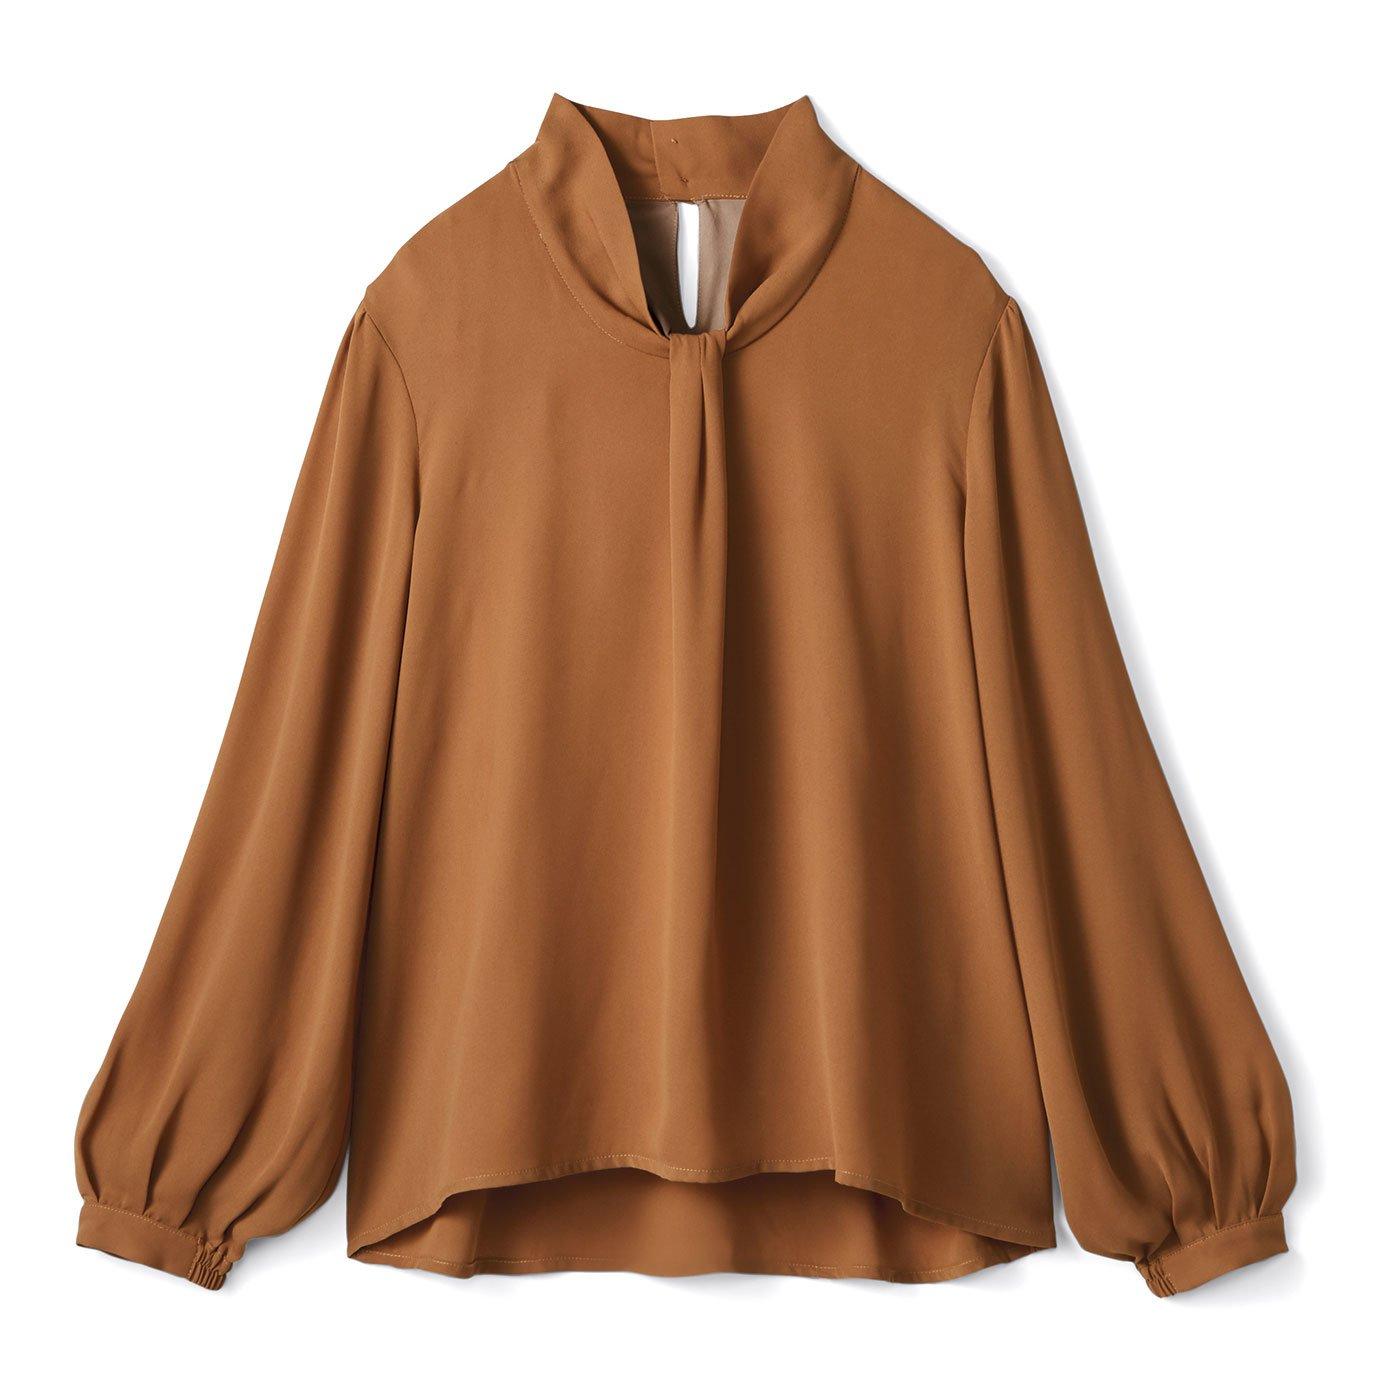 DRECO by IEDIT Tシャツ心地できちんと顔な ボウタイ風ドッキングTブラウス〈キャメル〉